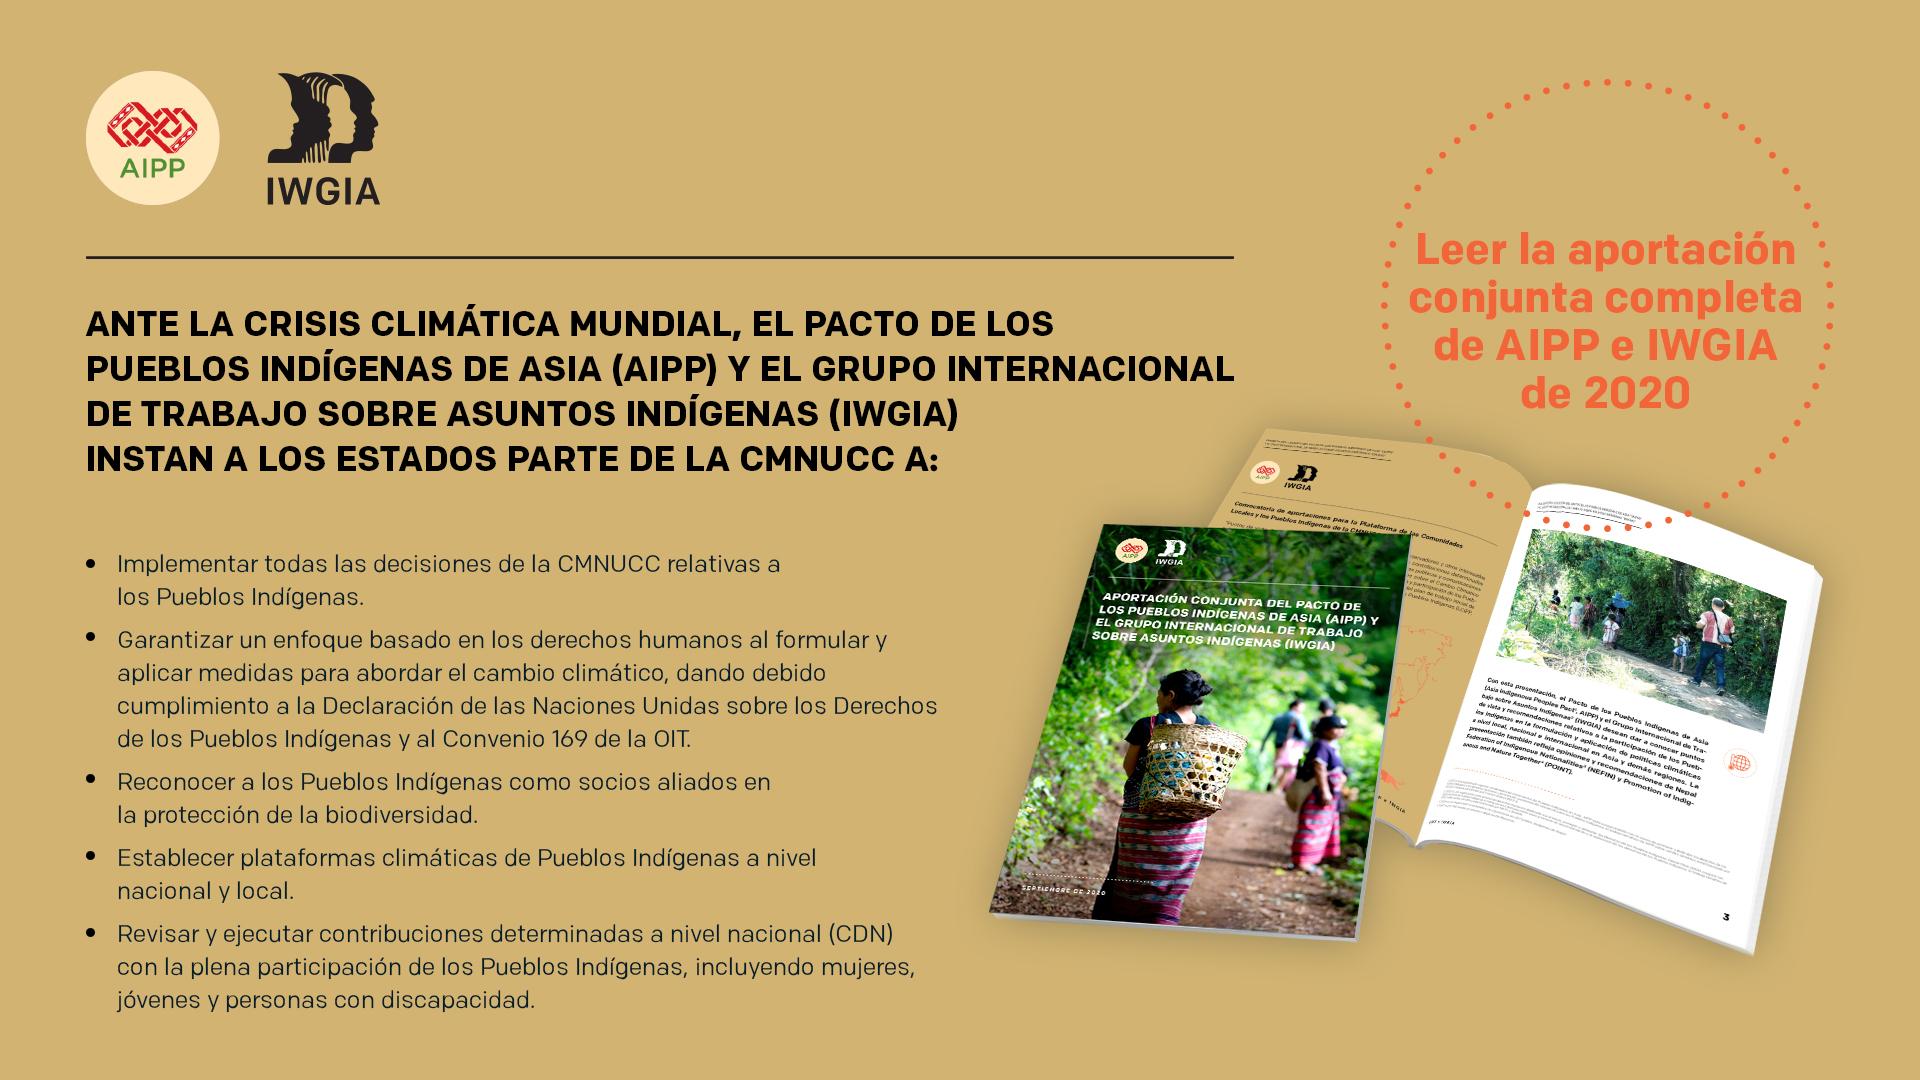 IWGIA y AIPP envían una declaración a la CMNUCC